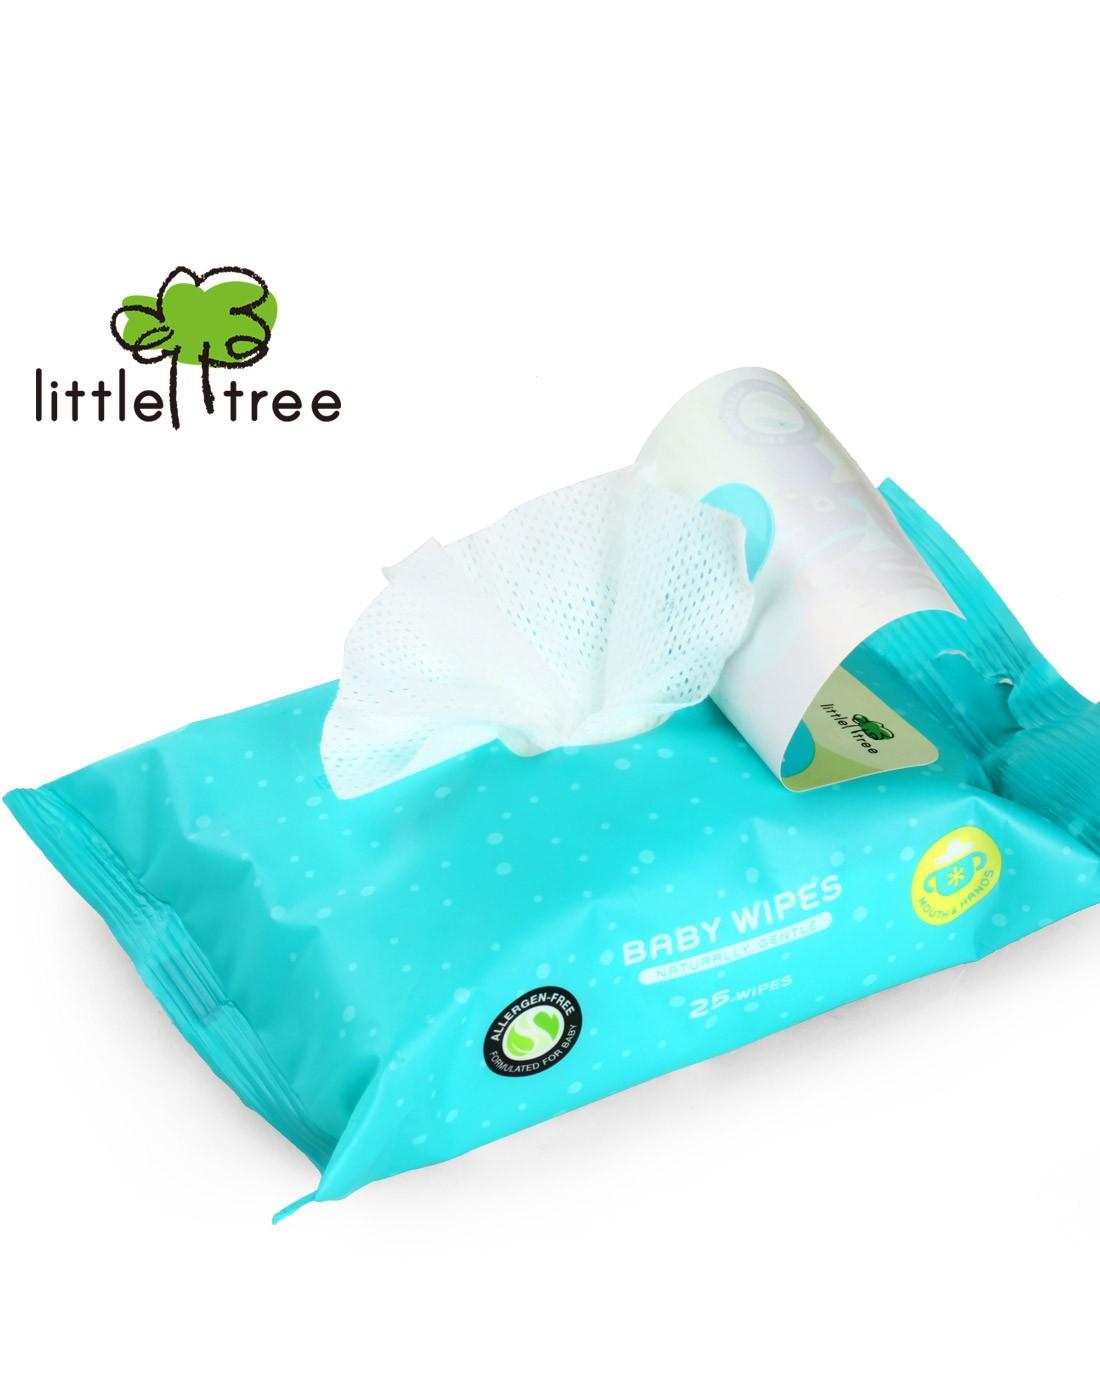 【两件起售】小树苗 手口专用婴儿柔湿巾